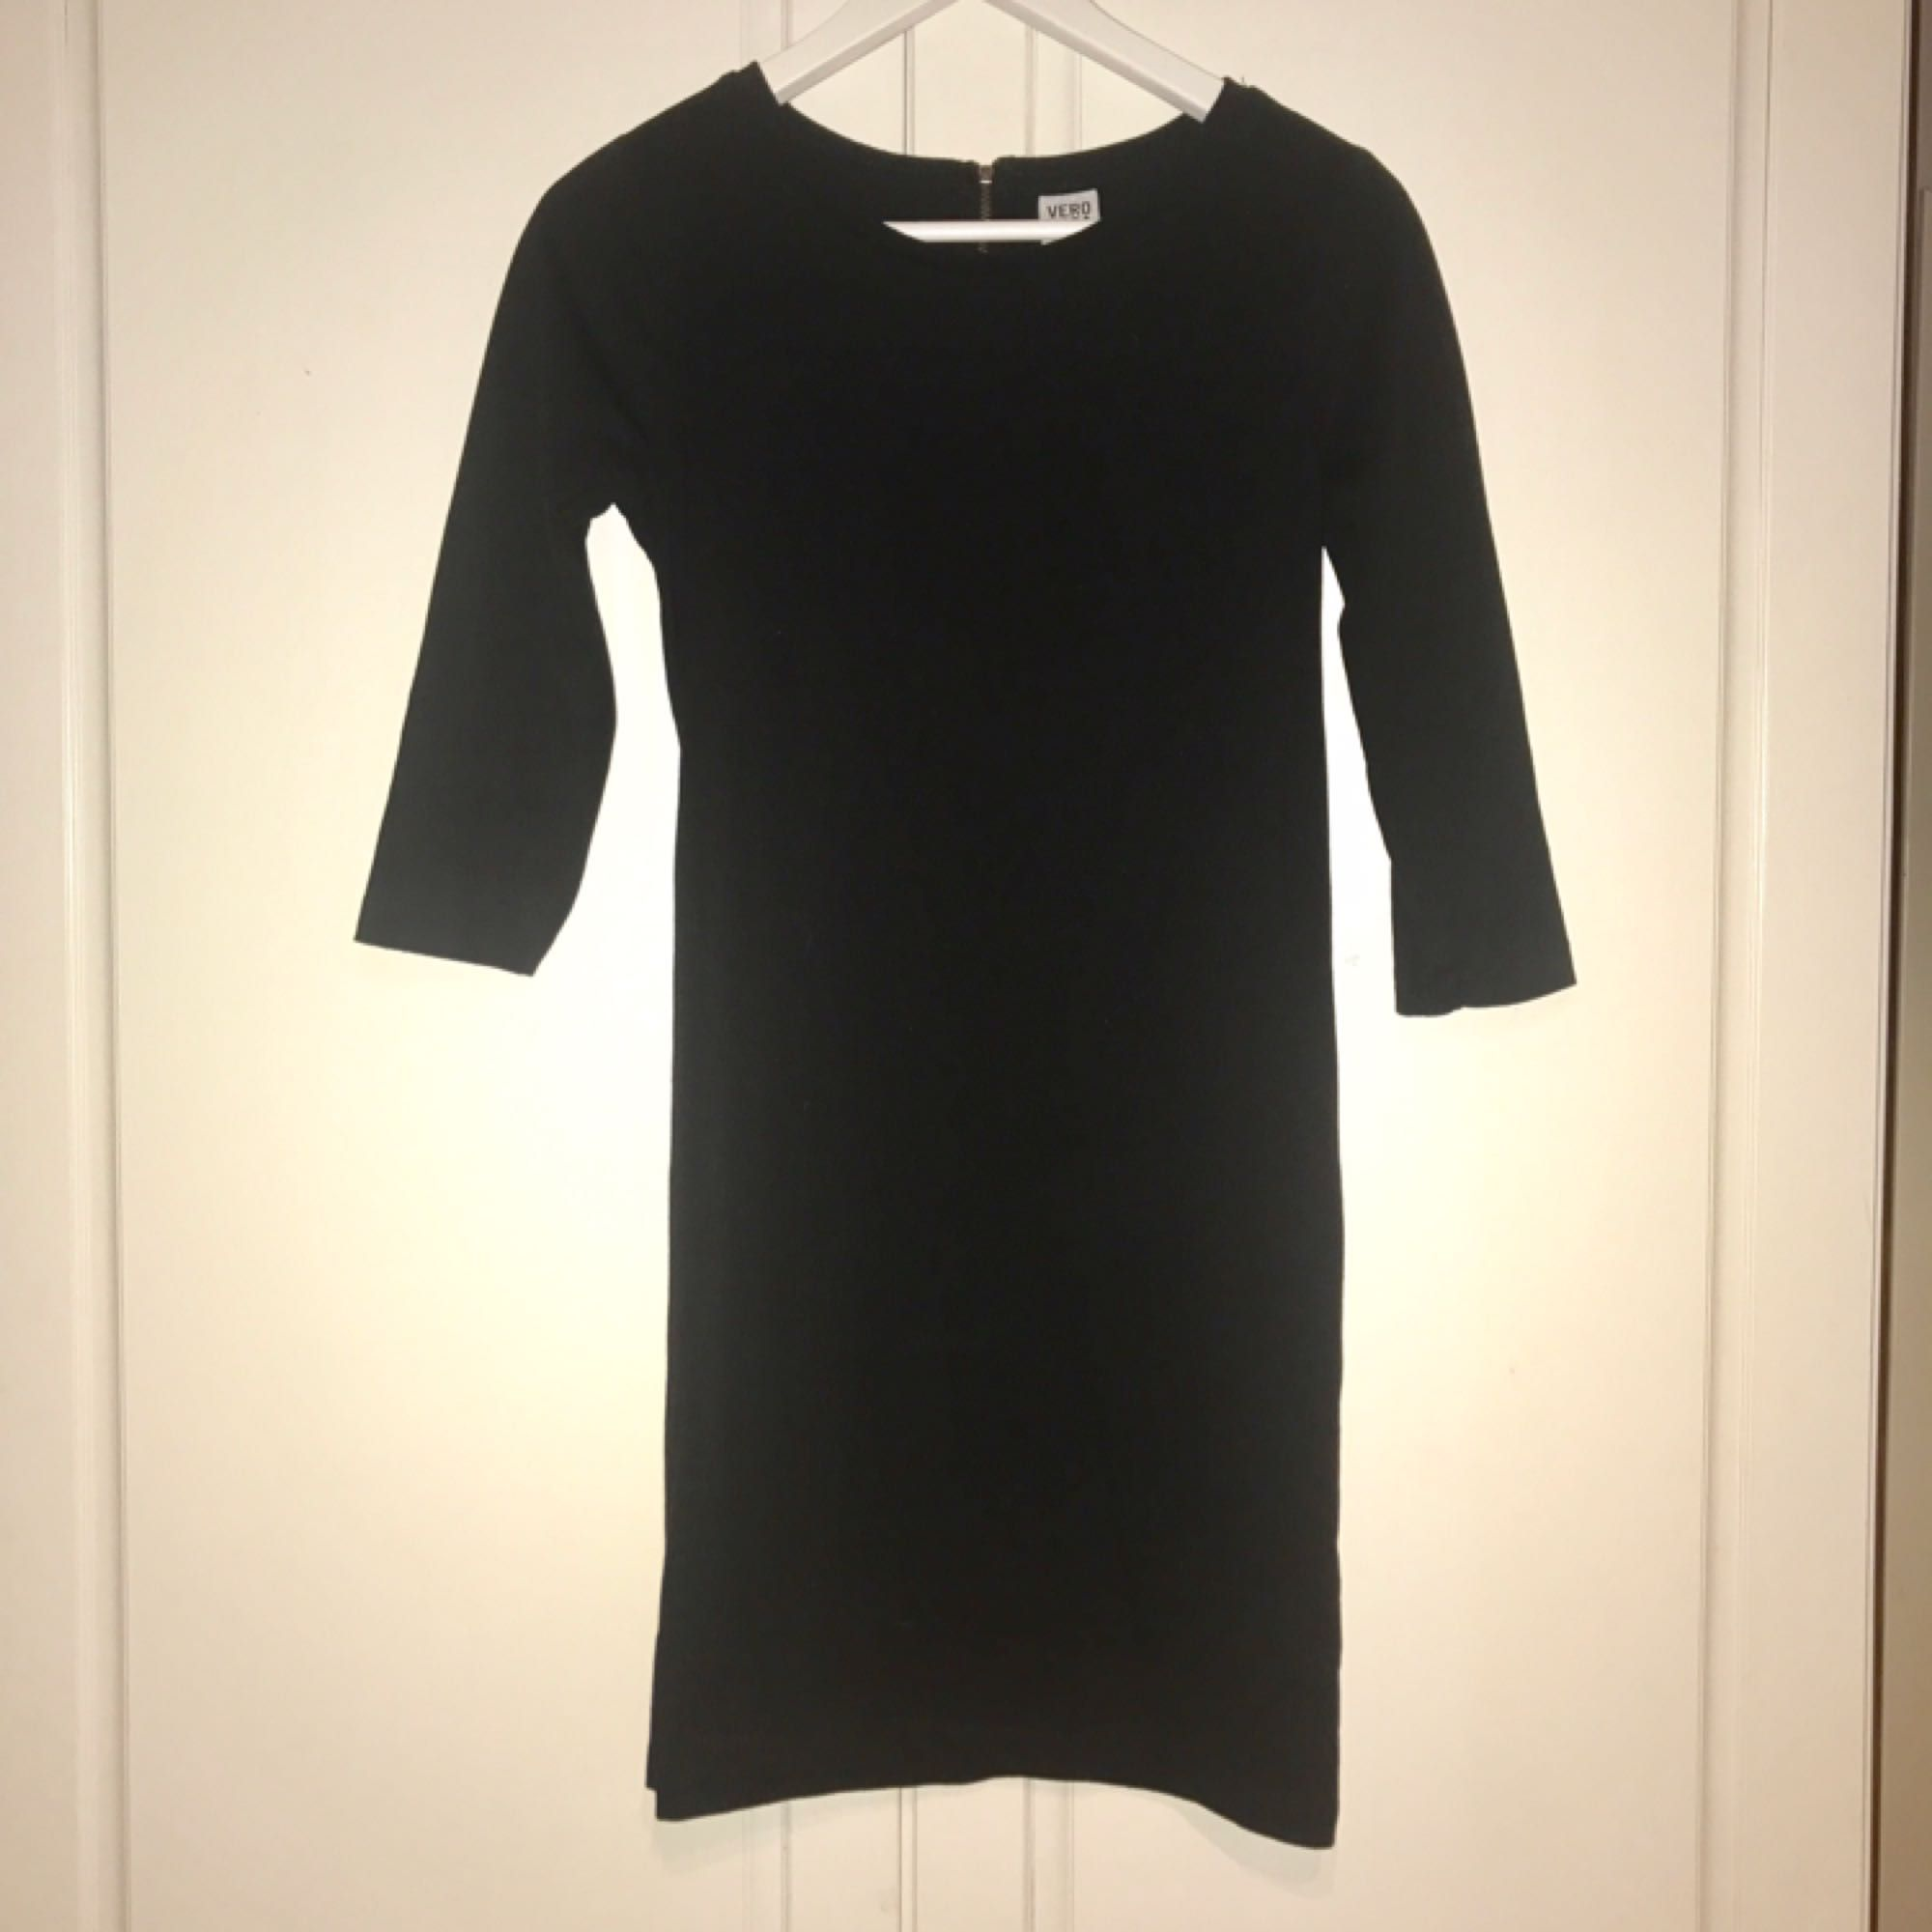 bdd9f6d3104b Svart enkel klänning från Vero - VERO MODA Klänningar - Second Hand